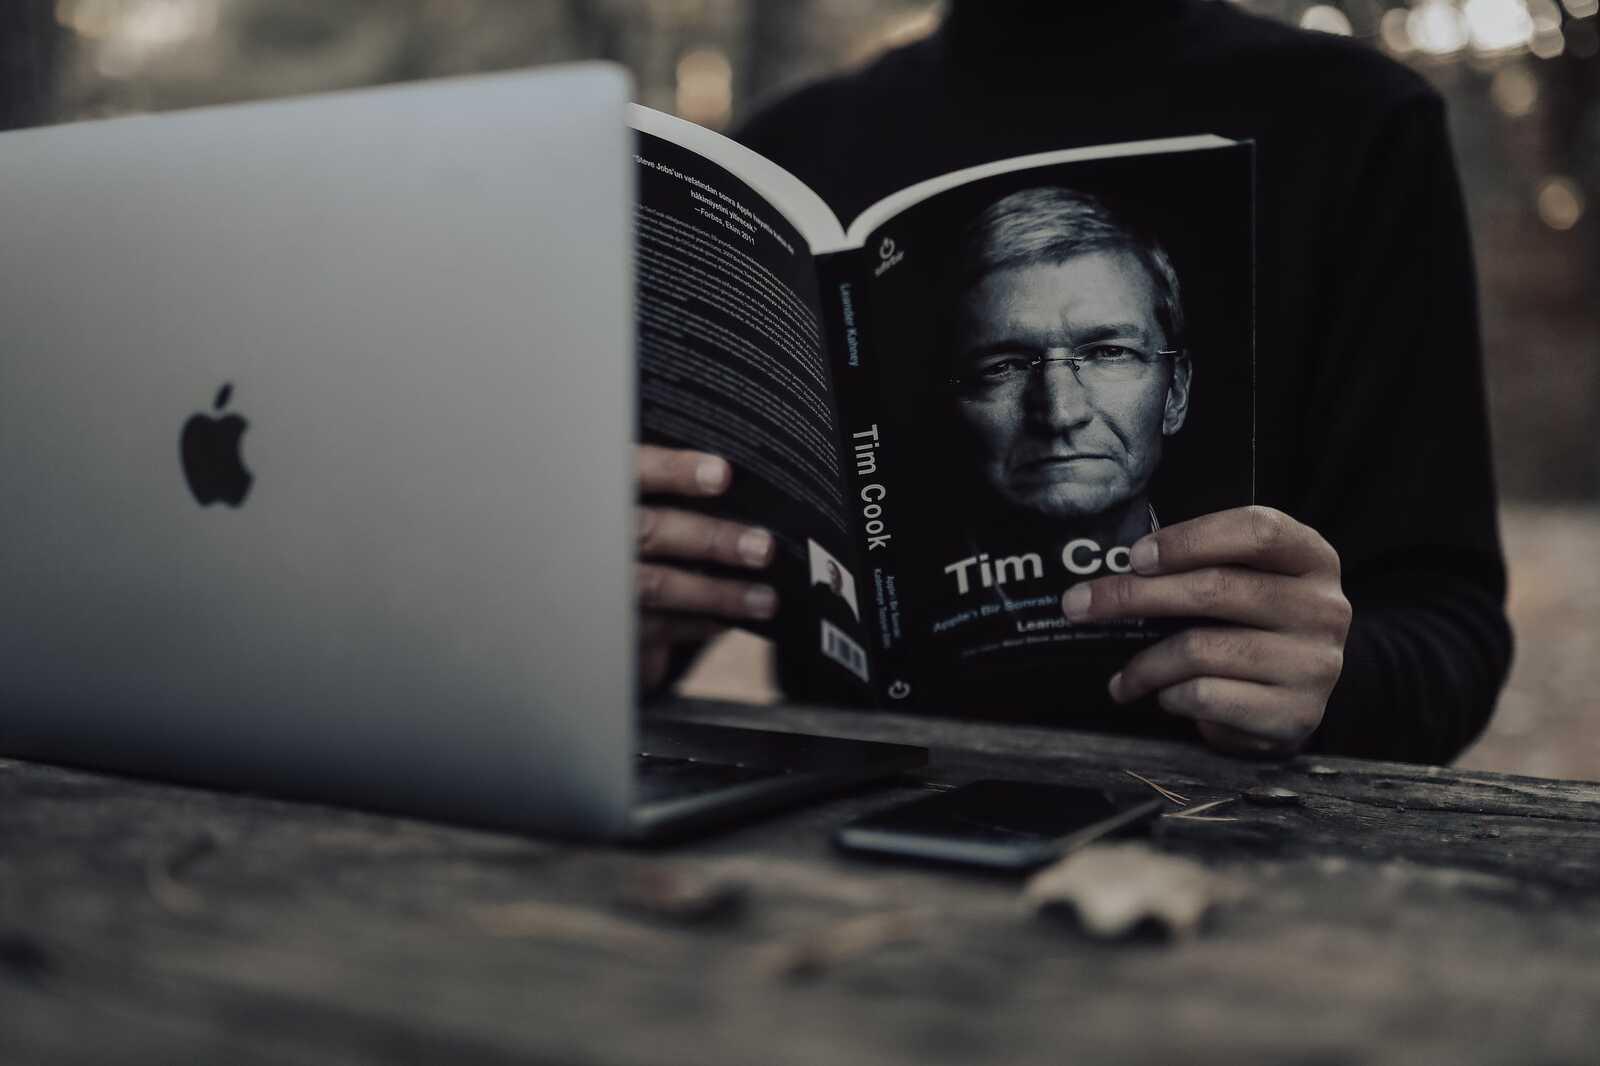 Biografieën & Waargebeurd